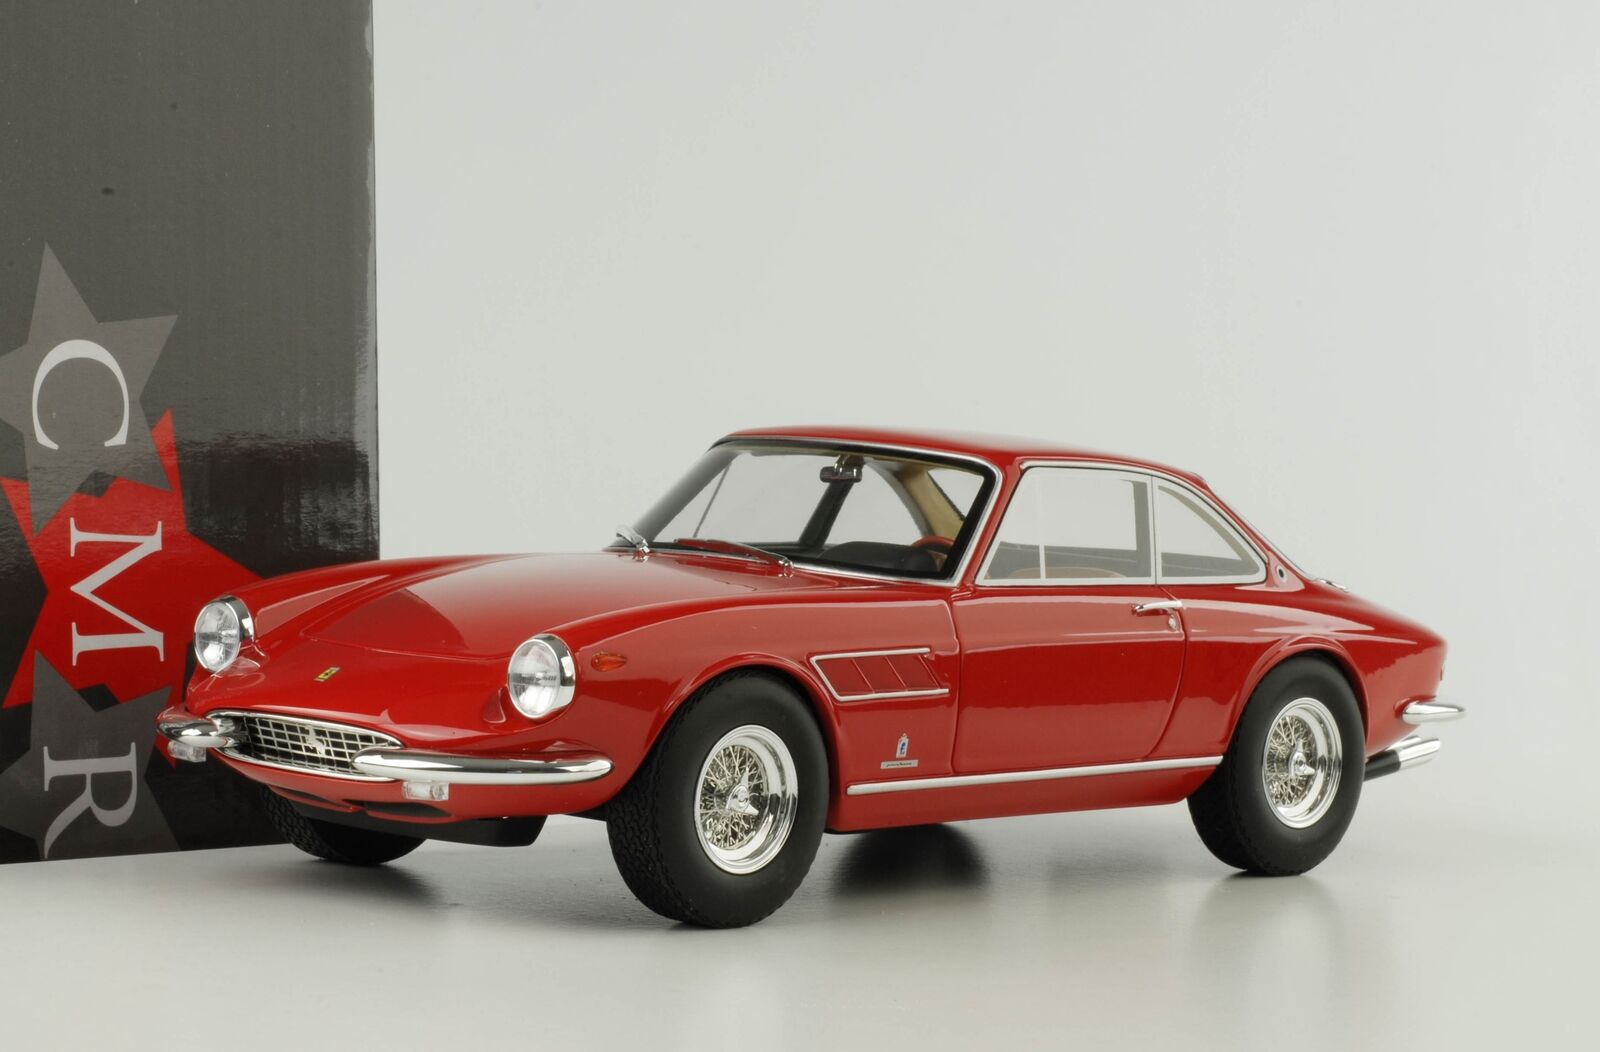 Ferrari 330 GTC 1966 1968 rosso 1 18 CMR resin